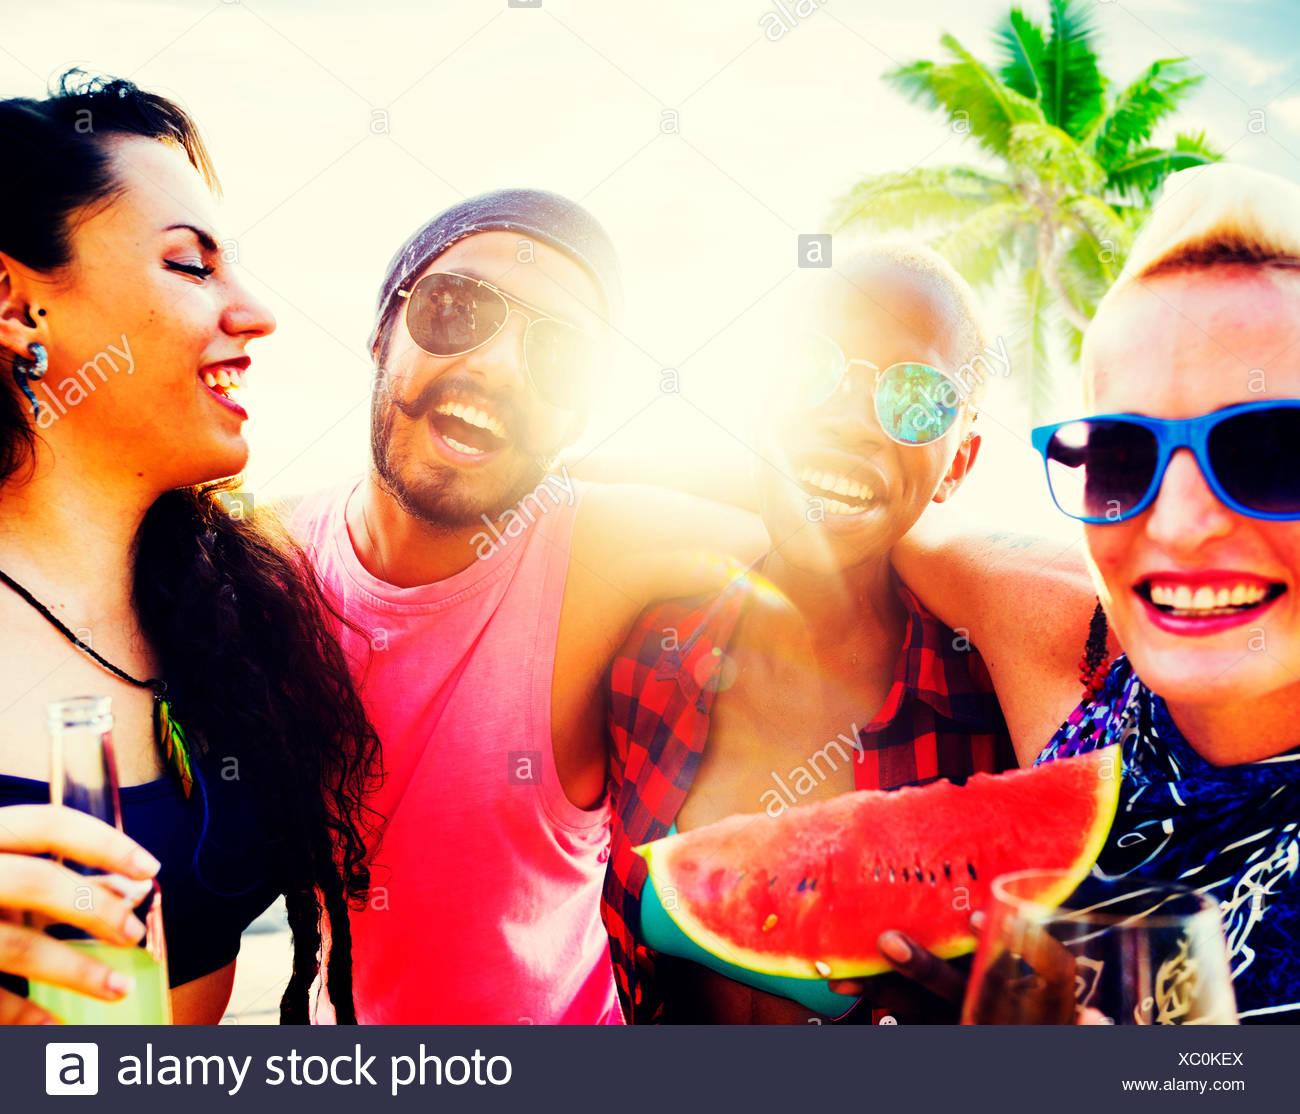 Gli amici una vacanza di spiaggia rilassante Concetto di refrigerazione Immagini Stock